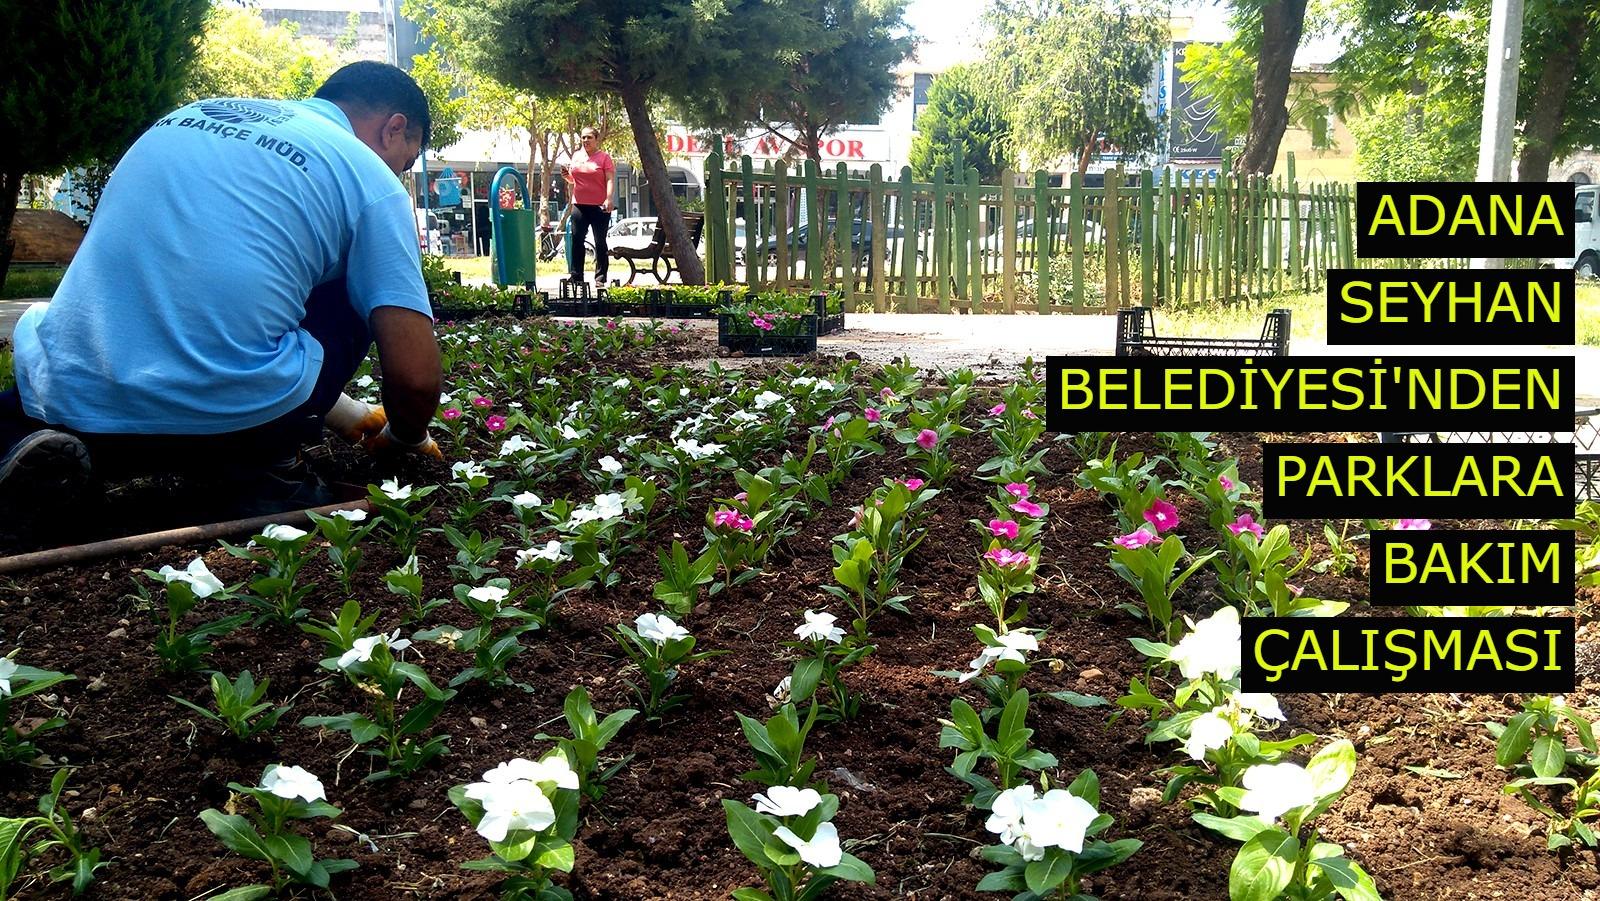 Adana Seyhan Belediyesi'nden parklara bakım çalışması